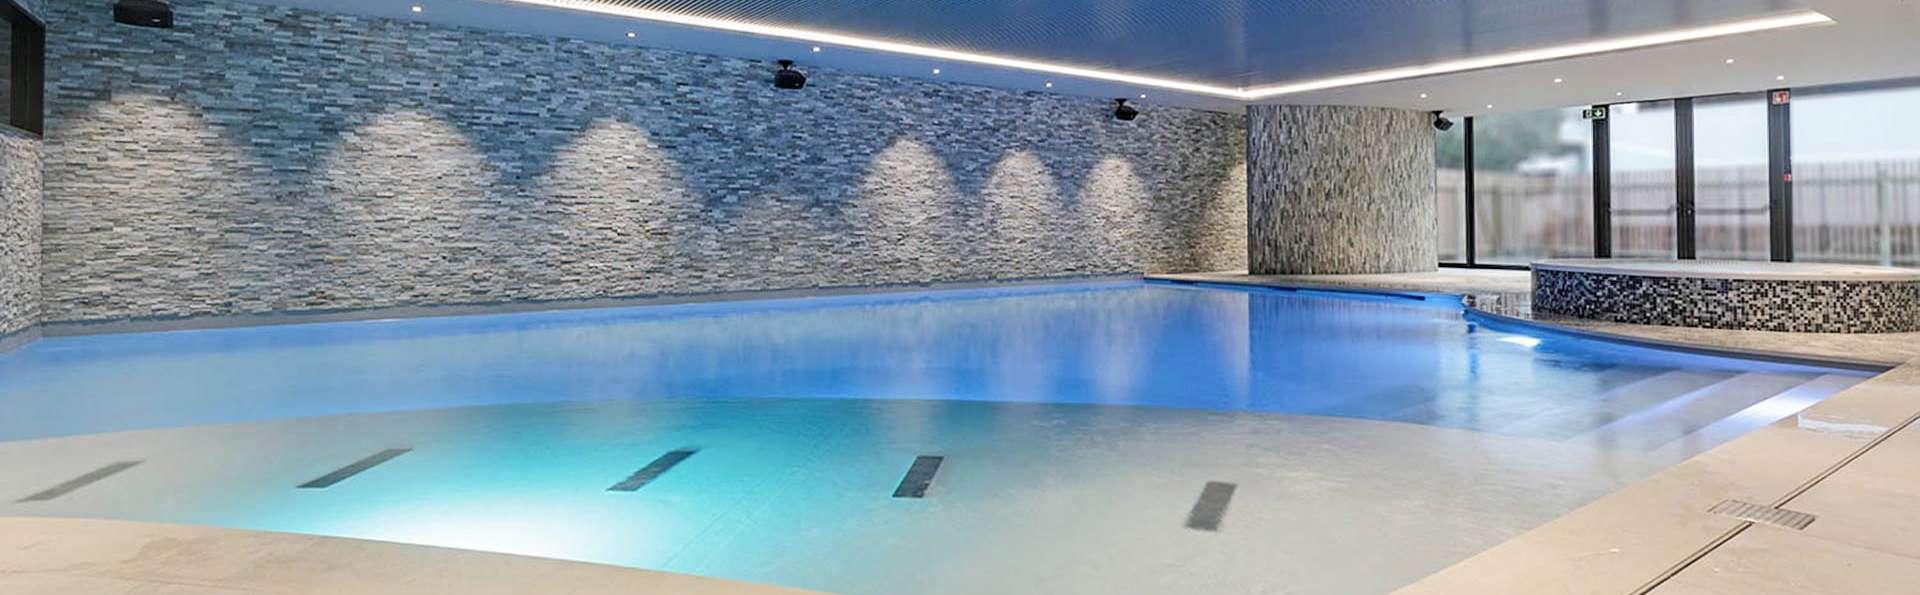 Hotel Nivelles-Sud Van der Valk - EDIT_POOL_01.jpg